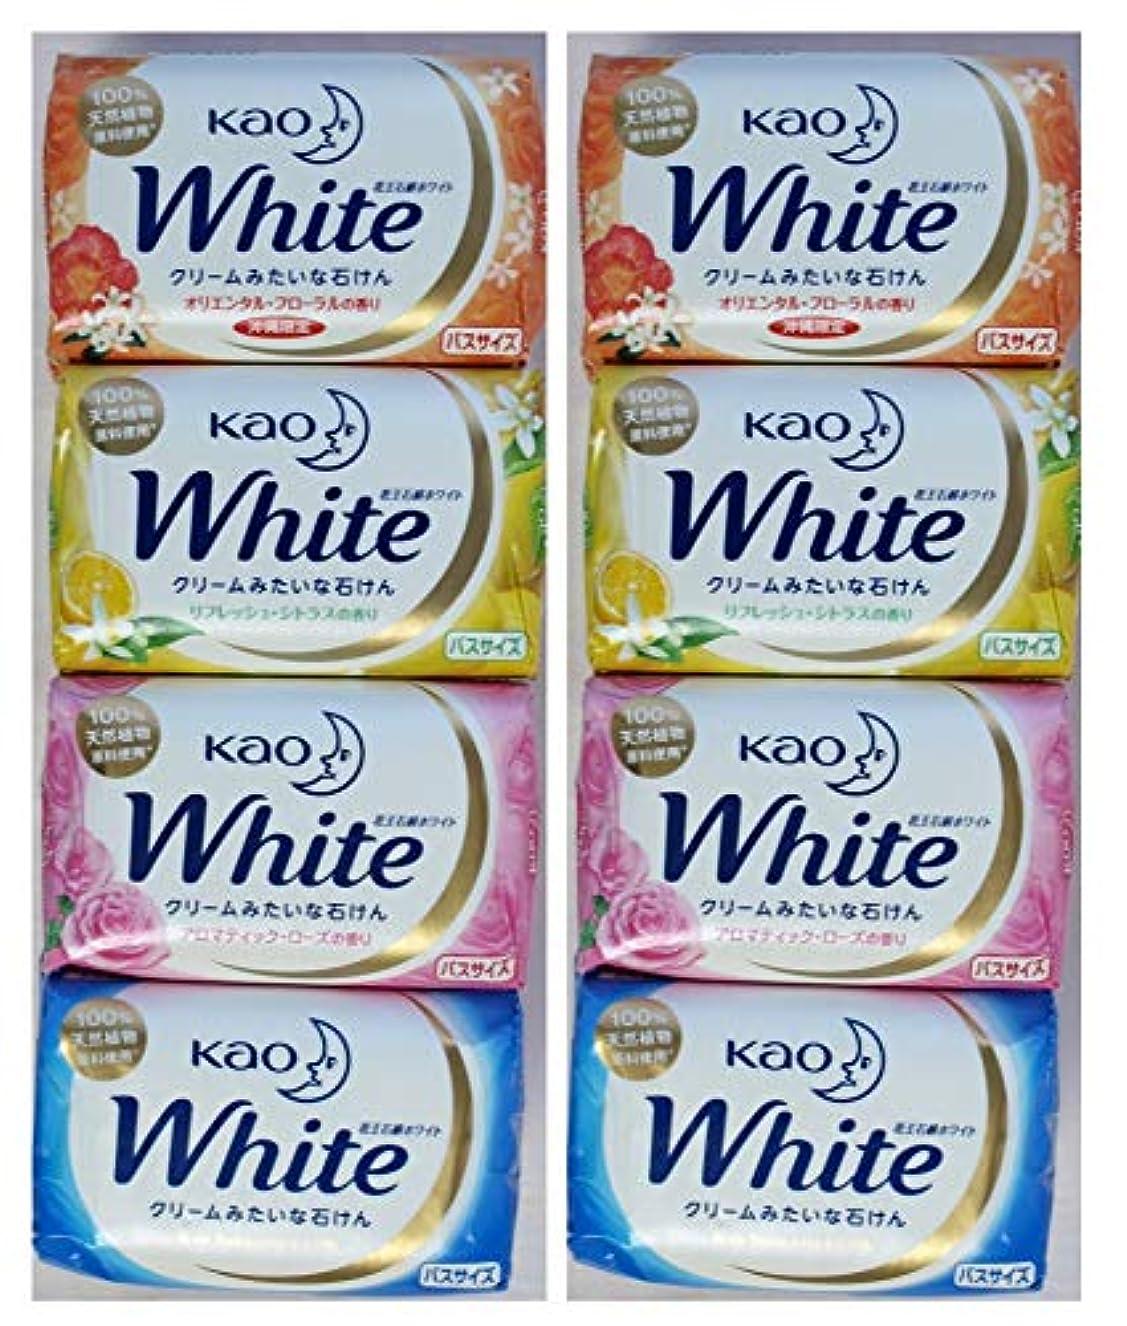 選ぶ改善する歯561988-8P 花王 Kao 石けんホワイト 4つの香り(オリエンタルフローラル/ホワイトフローラル/アロマティックローズ/リフレッシュシトラスの4種) 130g×4種×2set 計8個